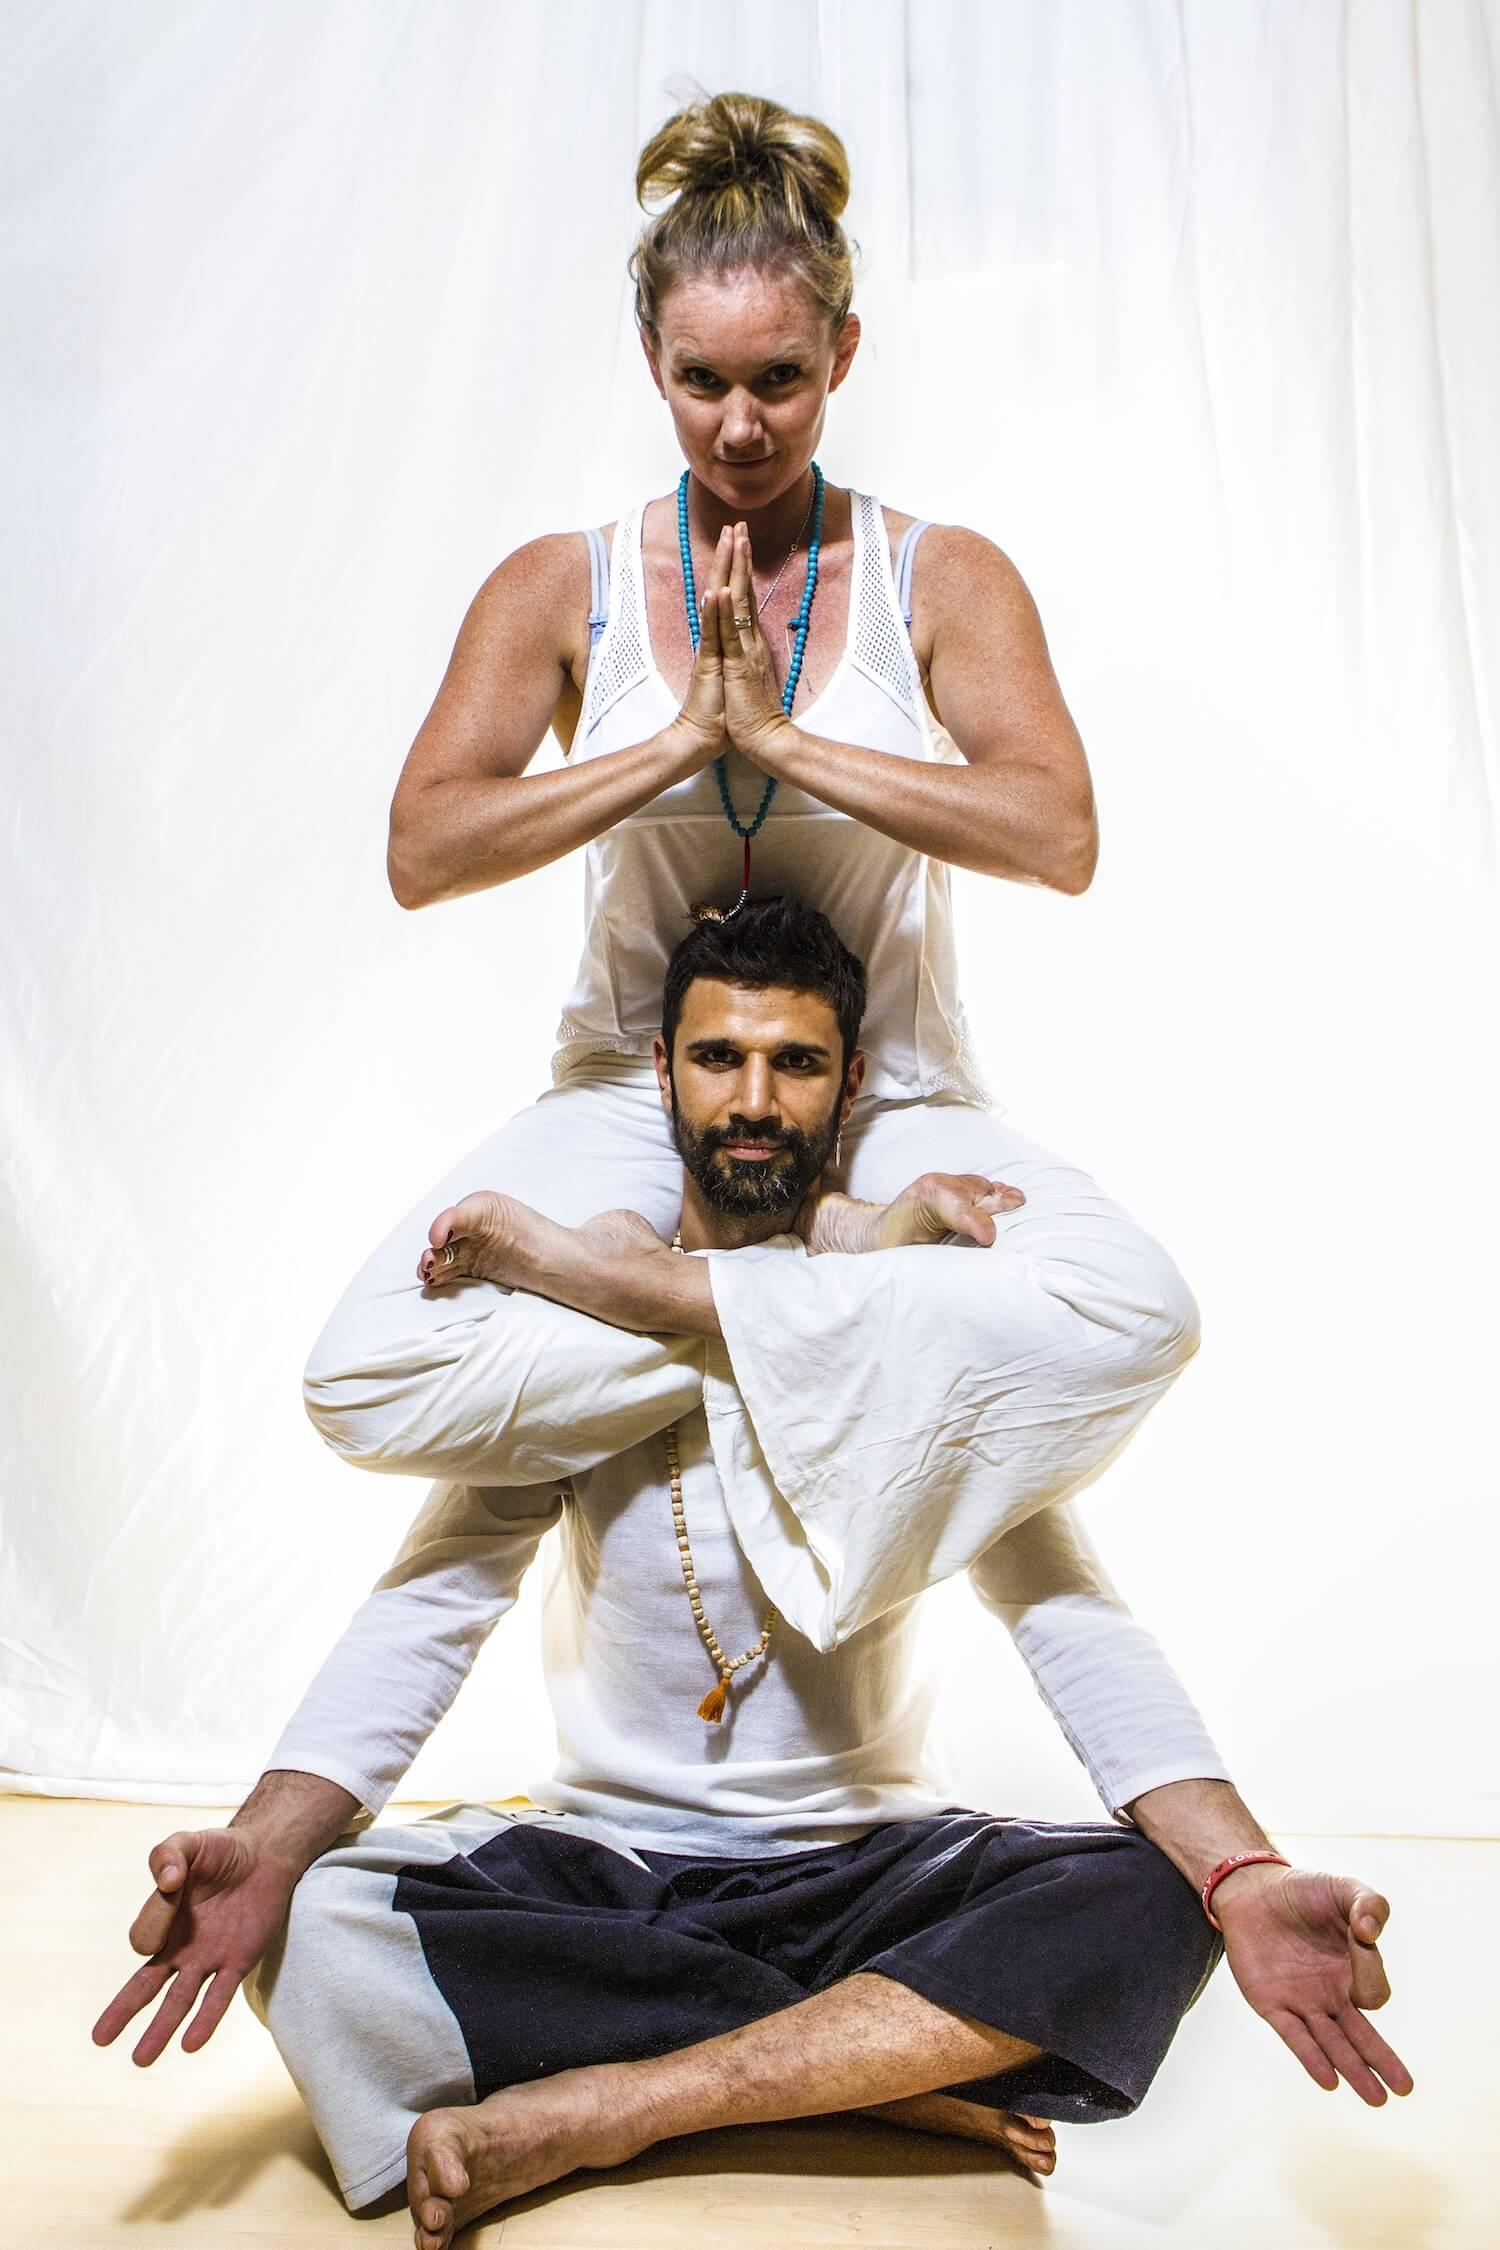 Evangelos-Jonni Evangelos Apostolopoulos τουρισμος yoga ελλαδα